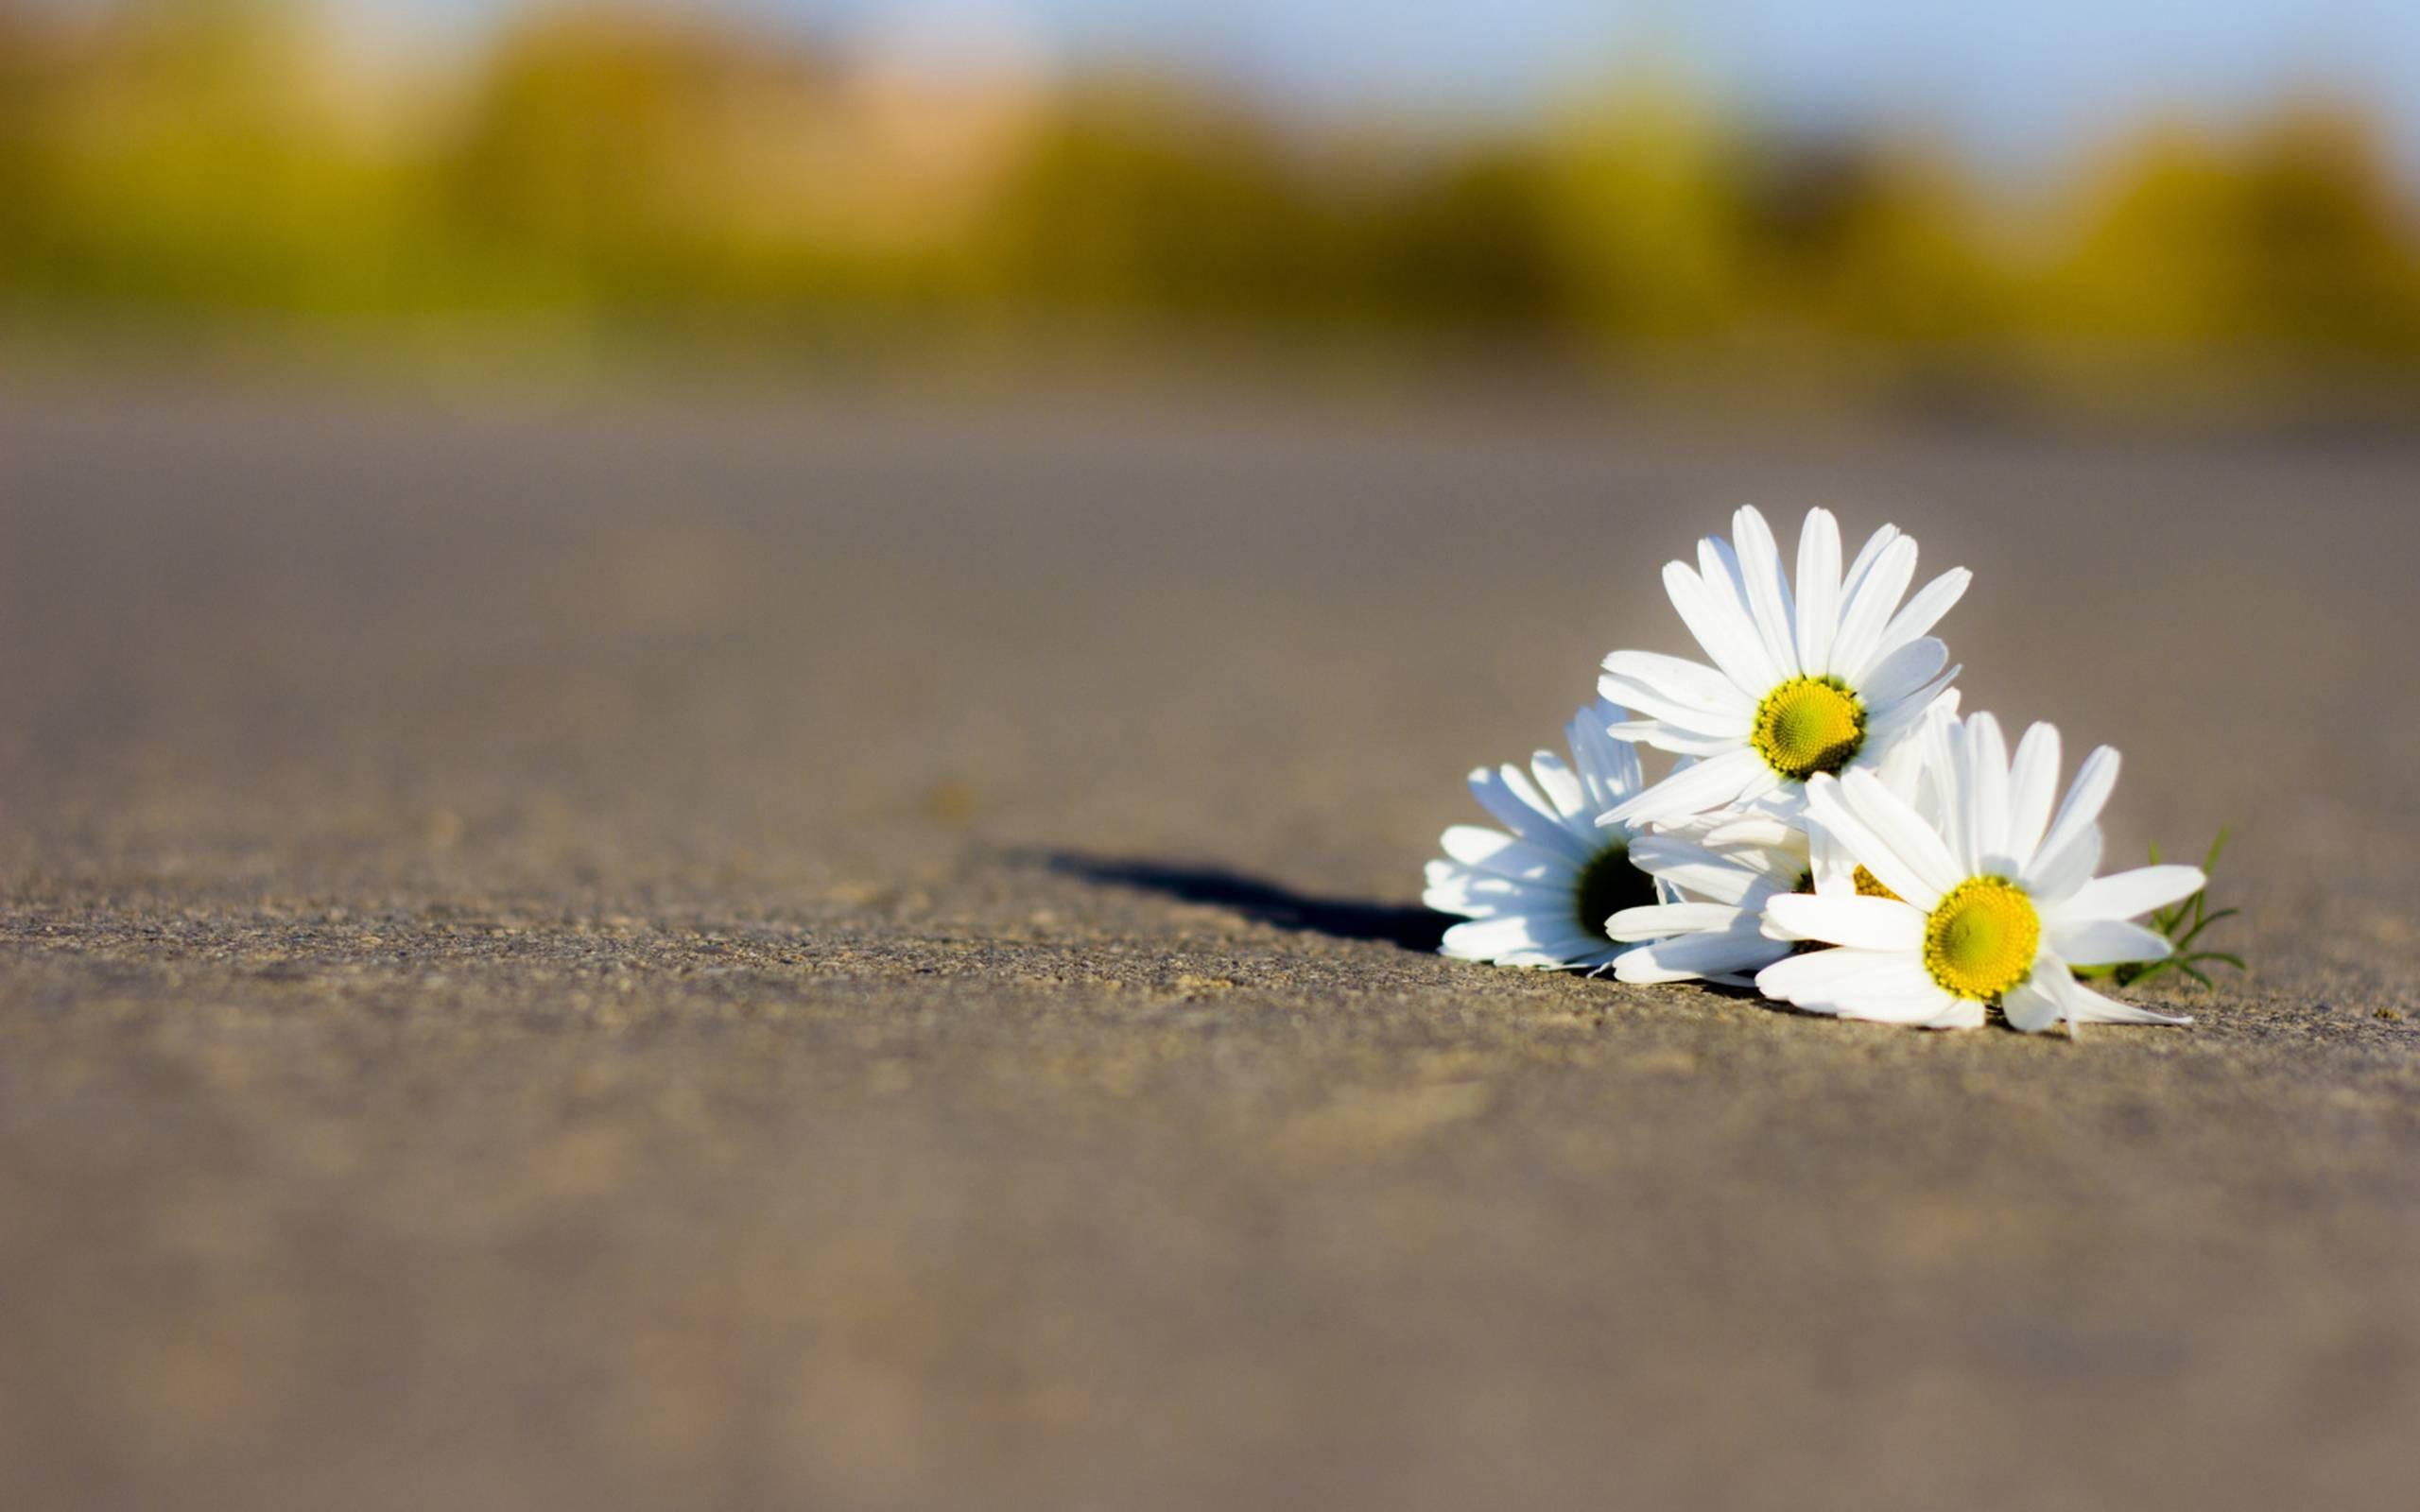 Трое молодых новосибирцев погибли вДТП вДень защиты детей